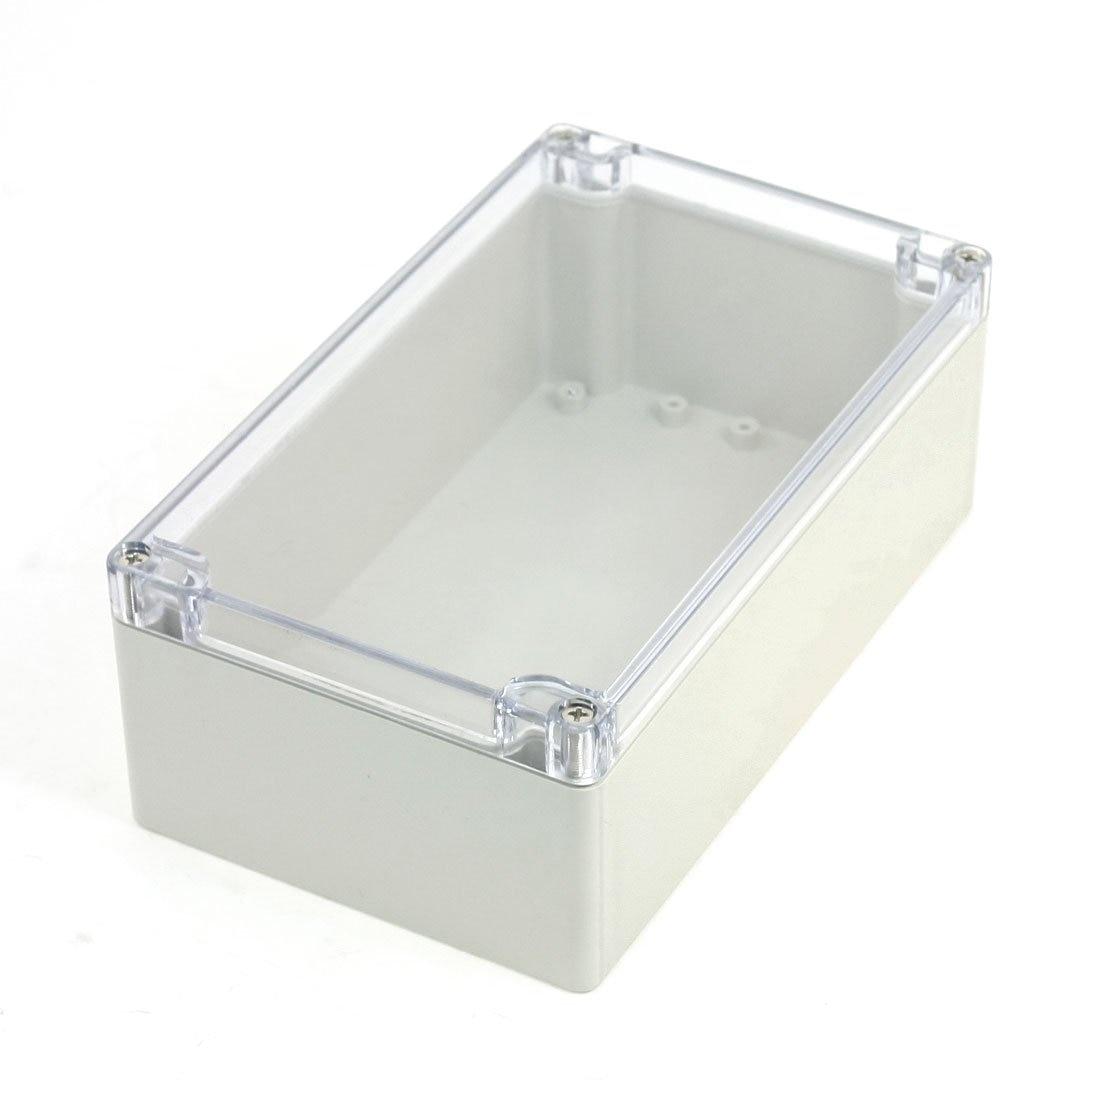 Nueva caja de conexiones de potencia sellada a prueba de agua 200mm x 120mm x 75mm w funda transparente